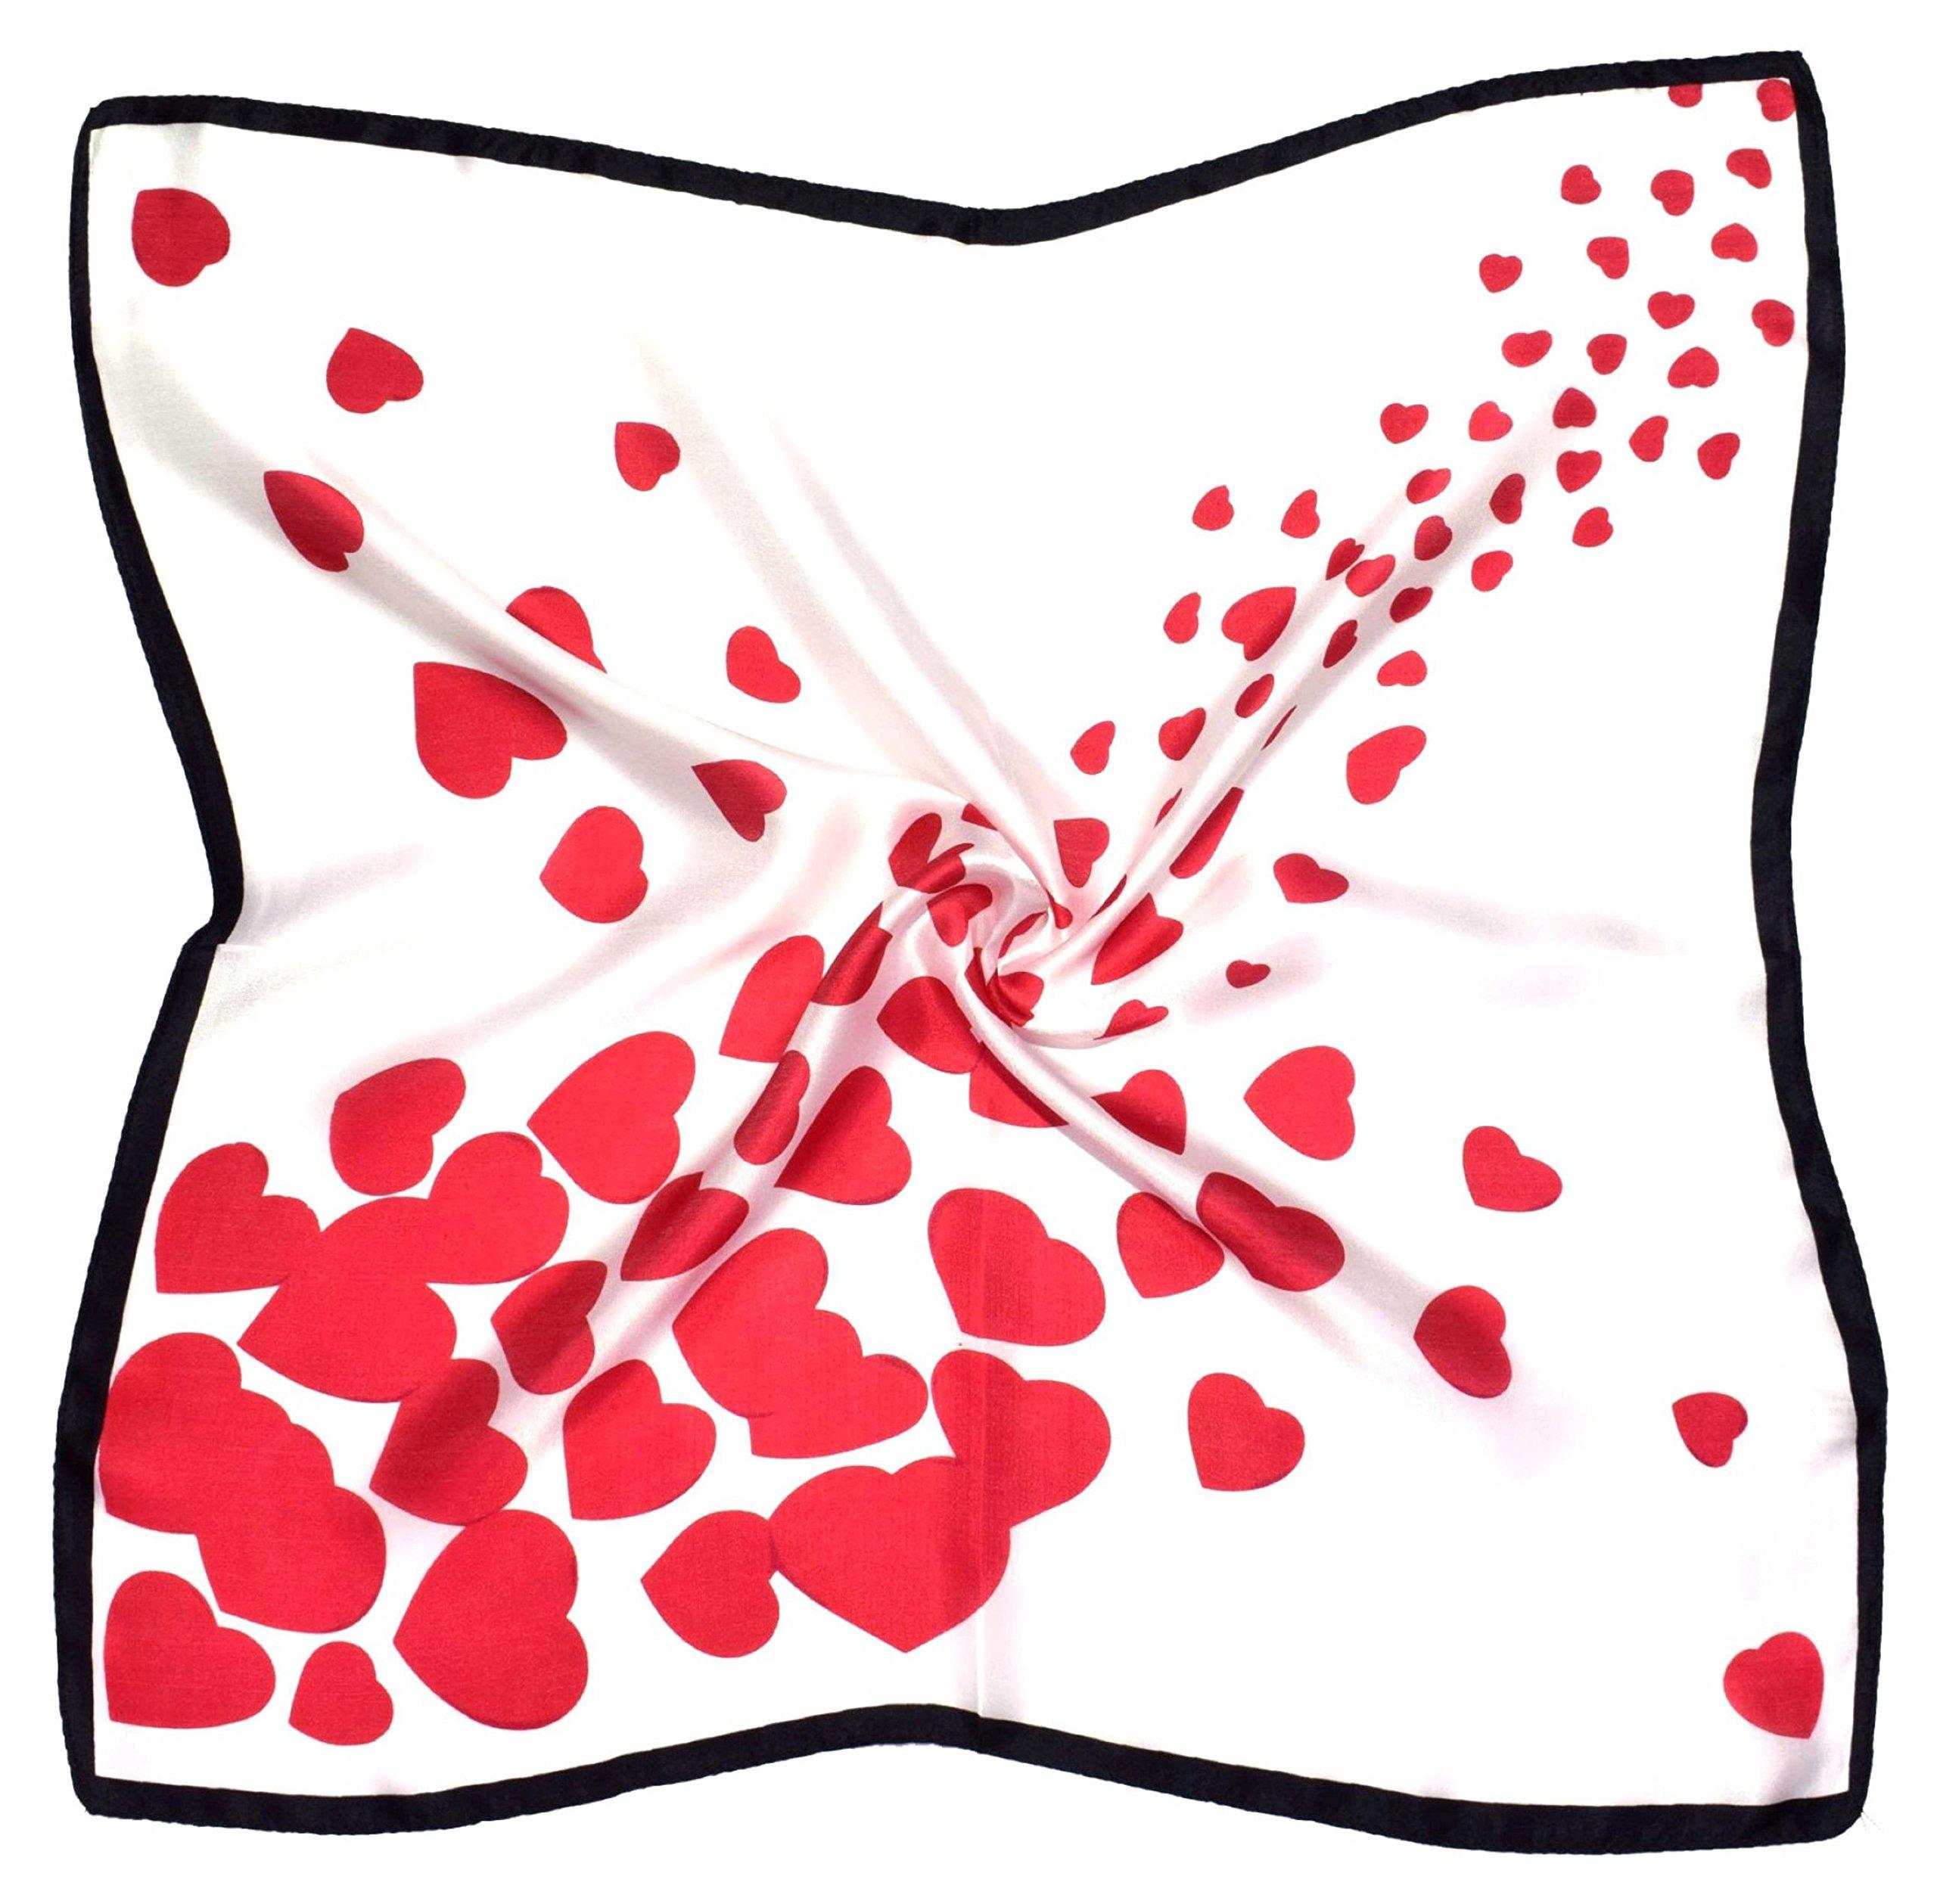 Red White Heart Print Small Fine Square Pure Silk Scarf